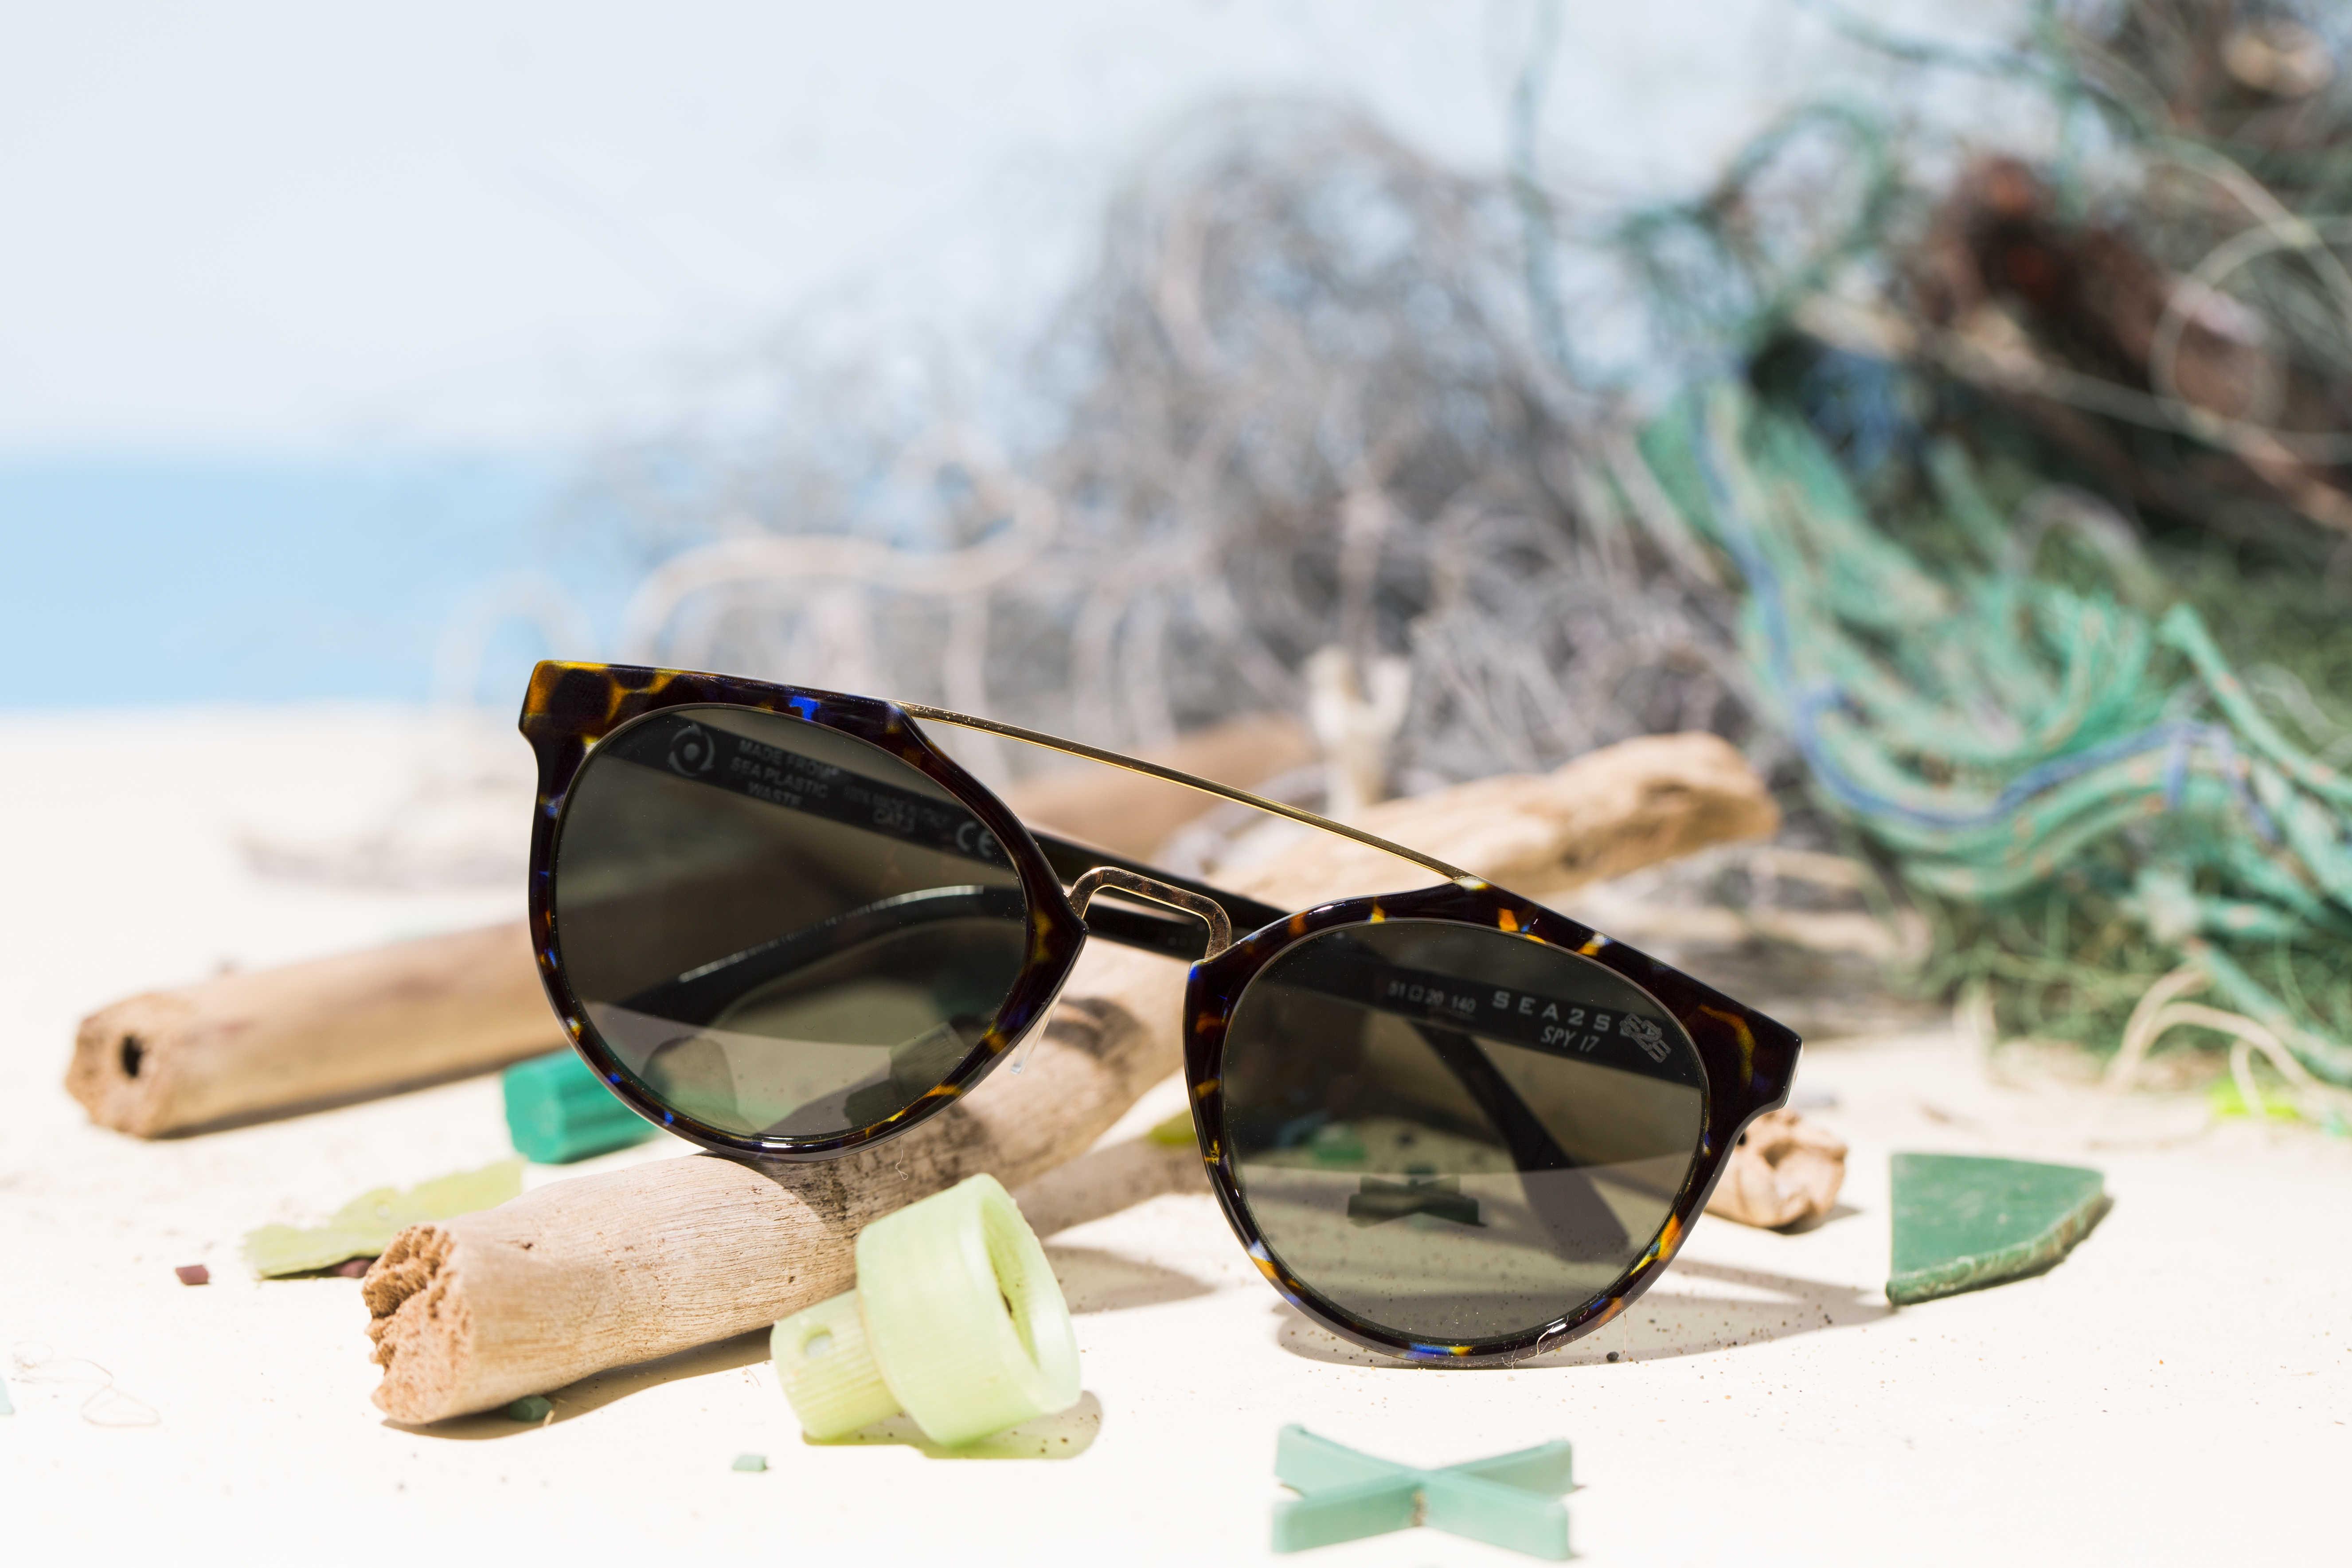 Optik Brille Sonnenbrille Kontaktlinse Sehtest